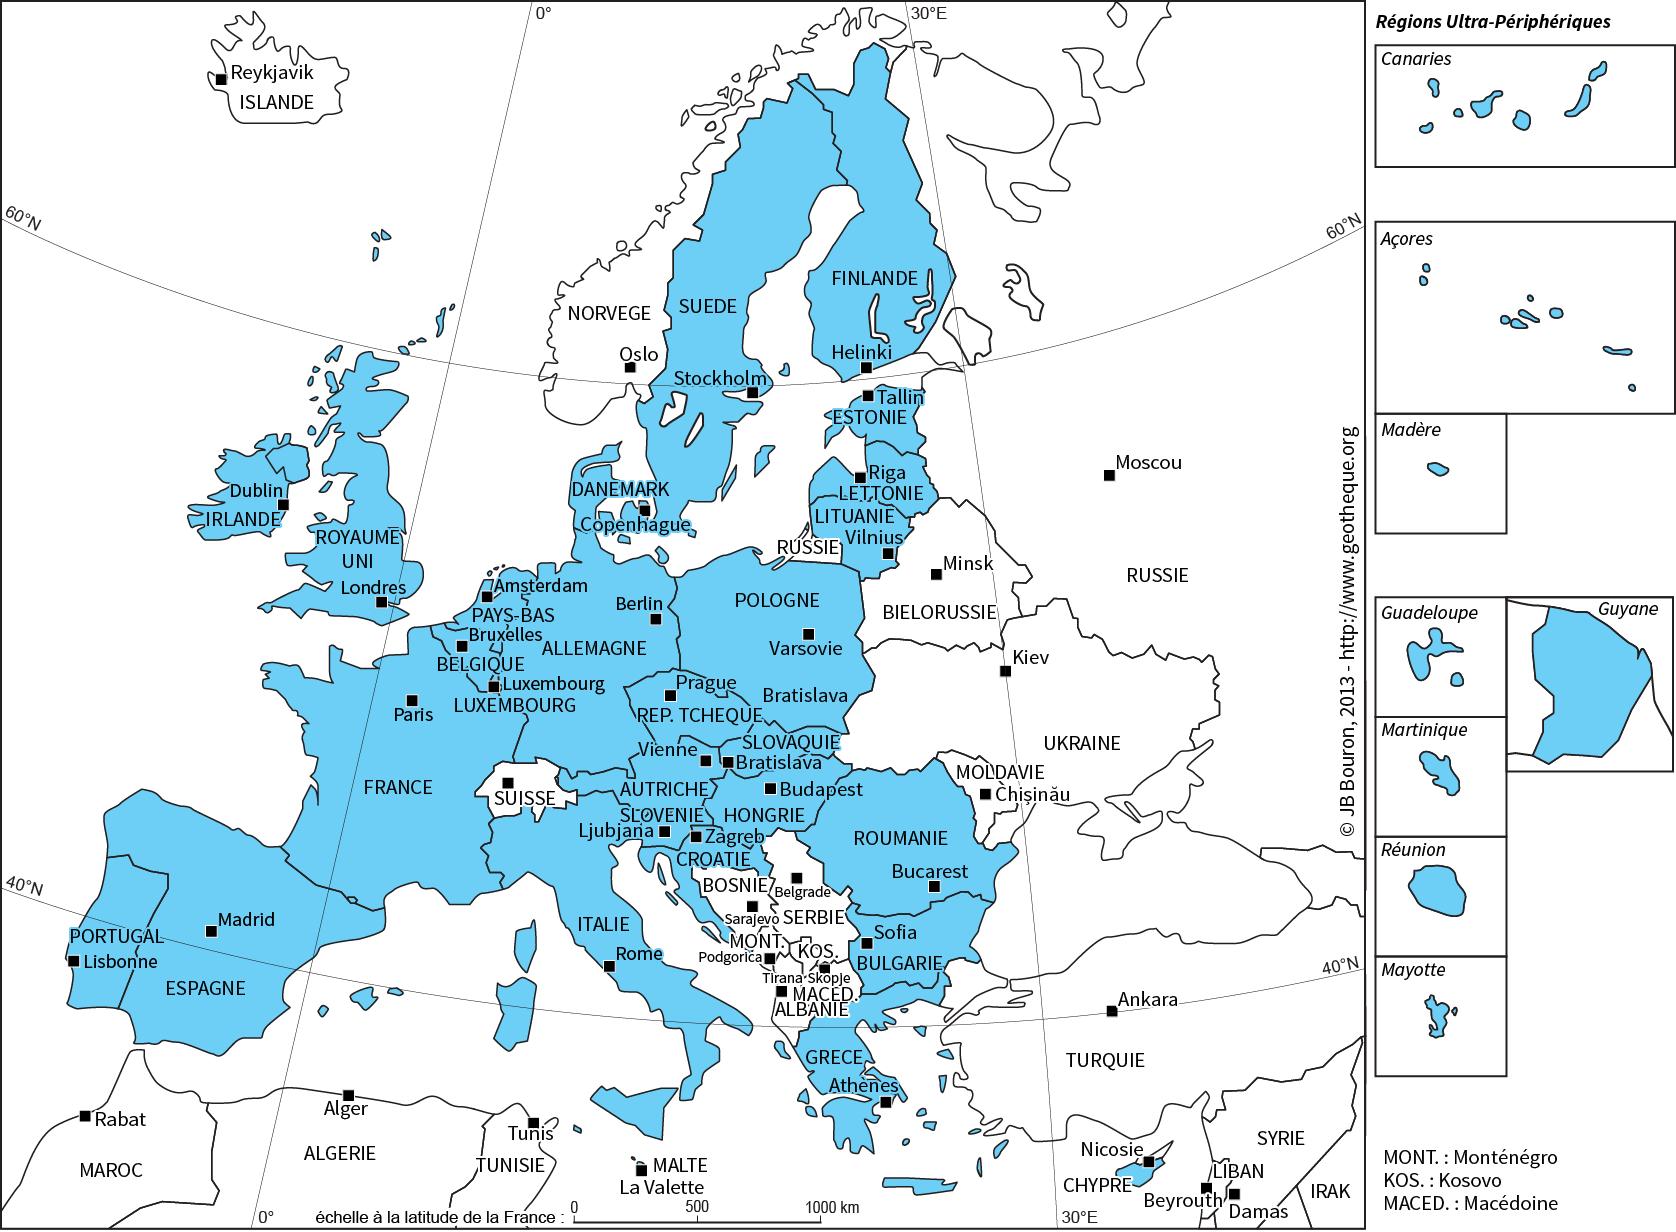 Les Pays De L'union Avec Leur Capitale concernant Carte Europe Avec Capitales